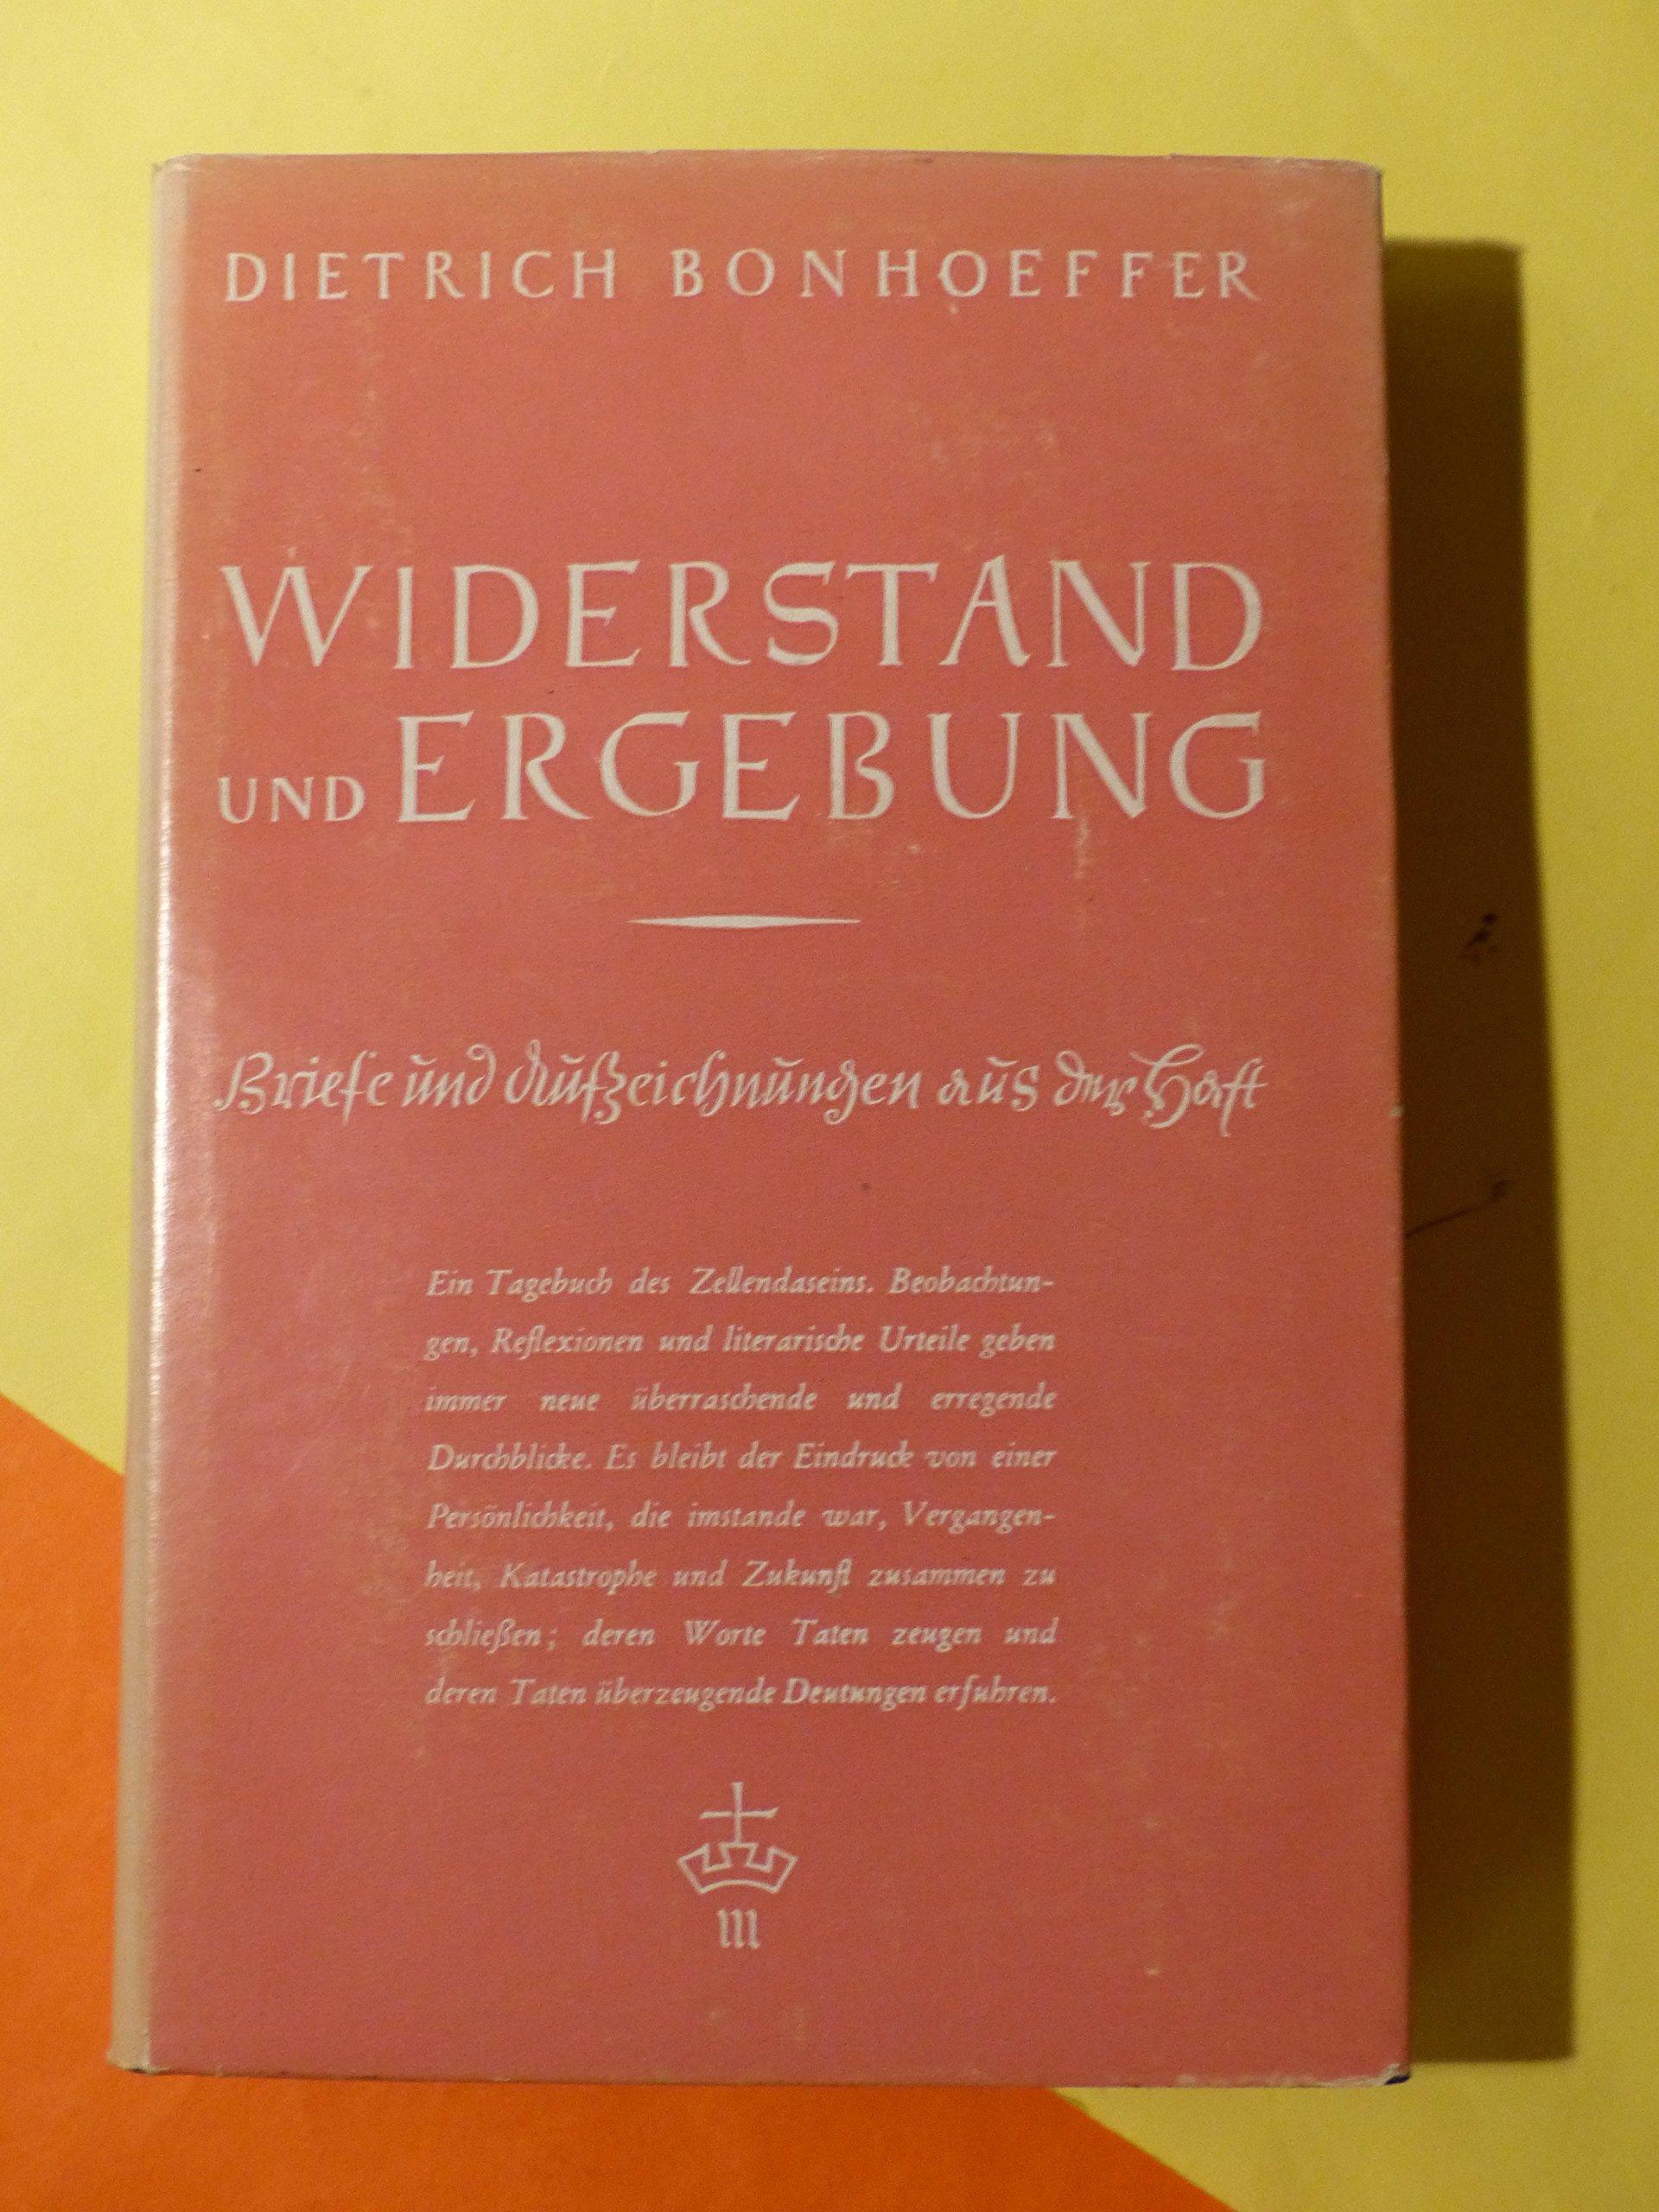 Widerstand und Ergebung : Briefe u. Aufzeichngn aus d. Haft. Dietrich Bonhoeffer. Hrsg. v. Eberhardt Bethge